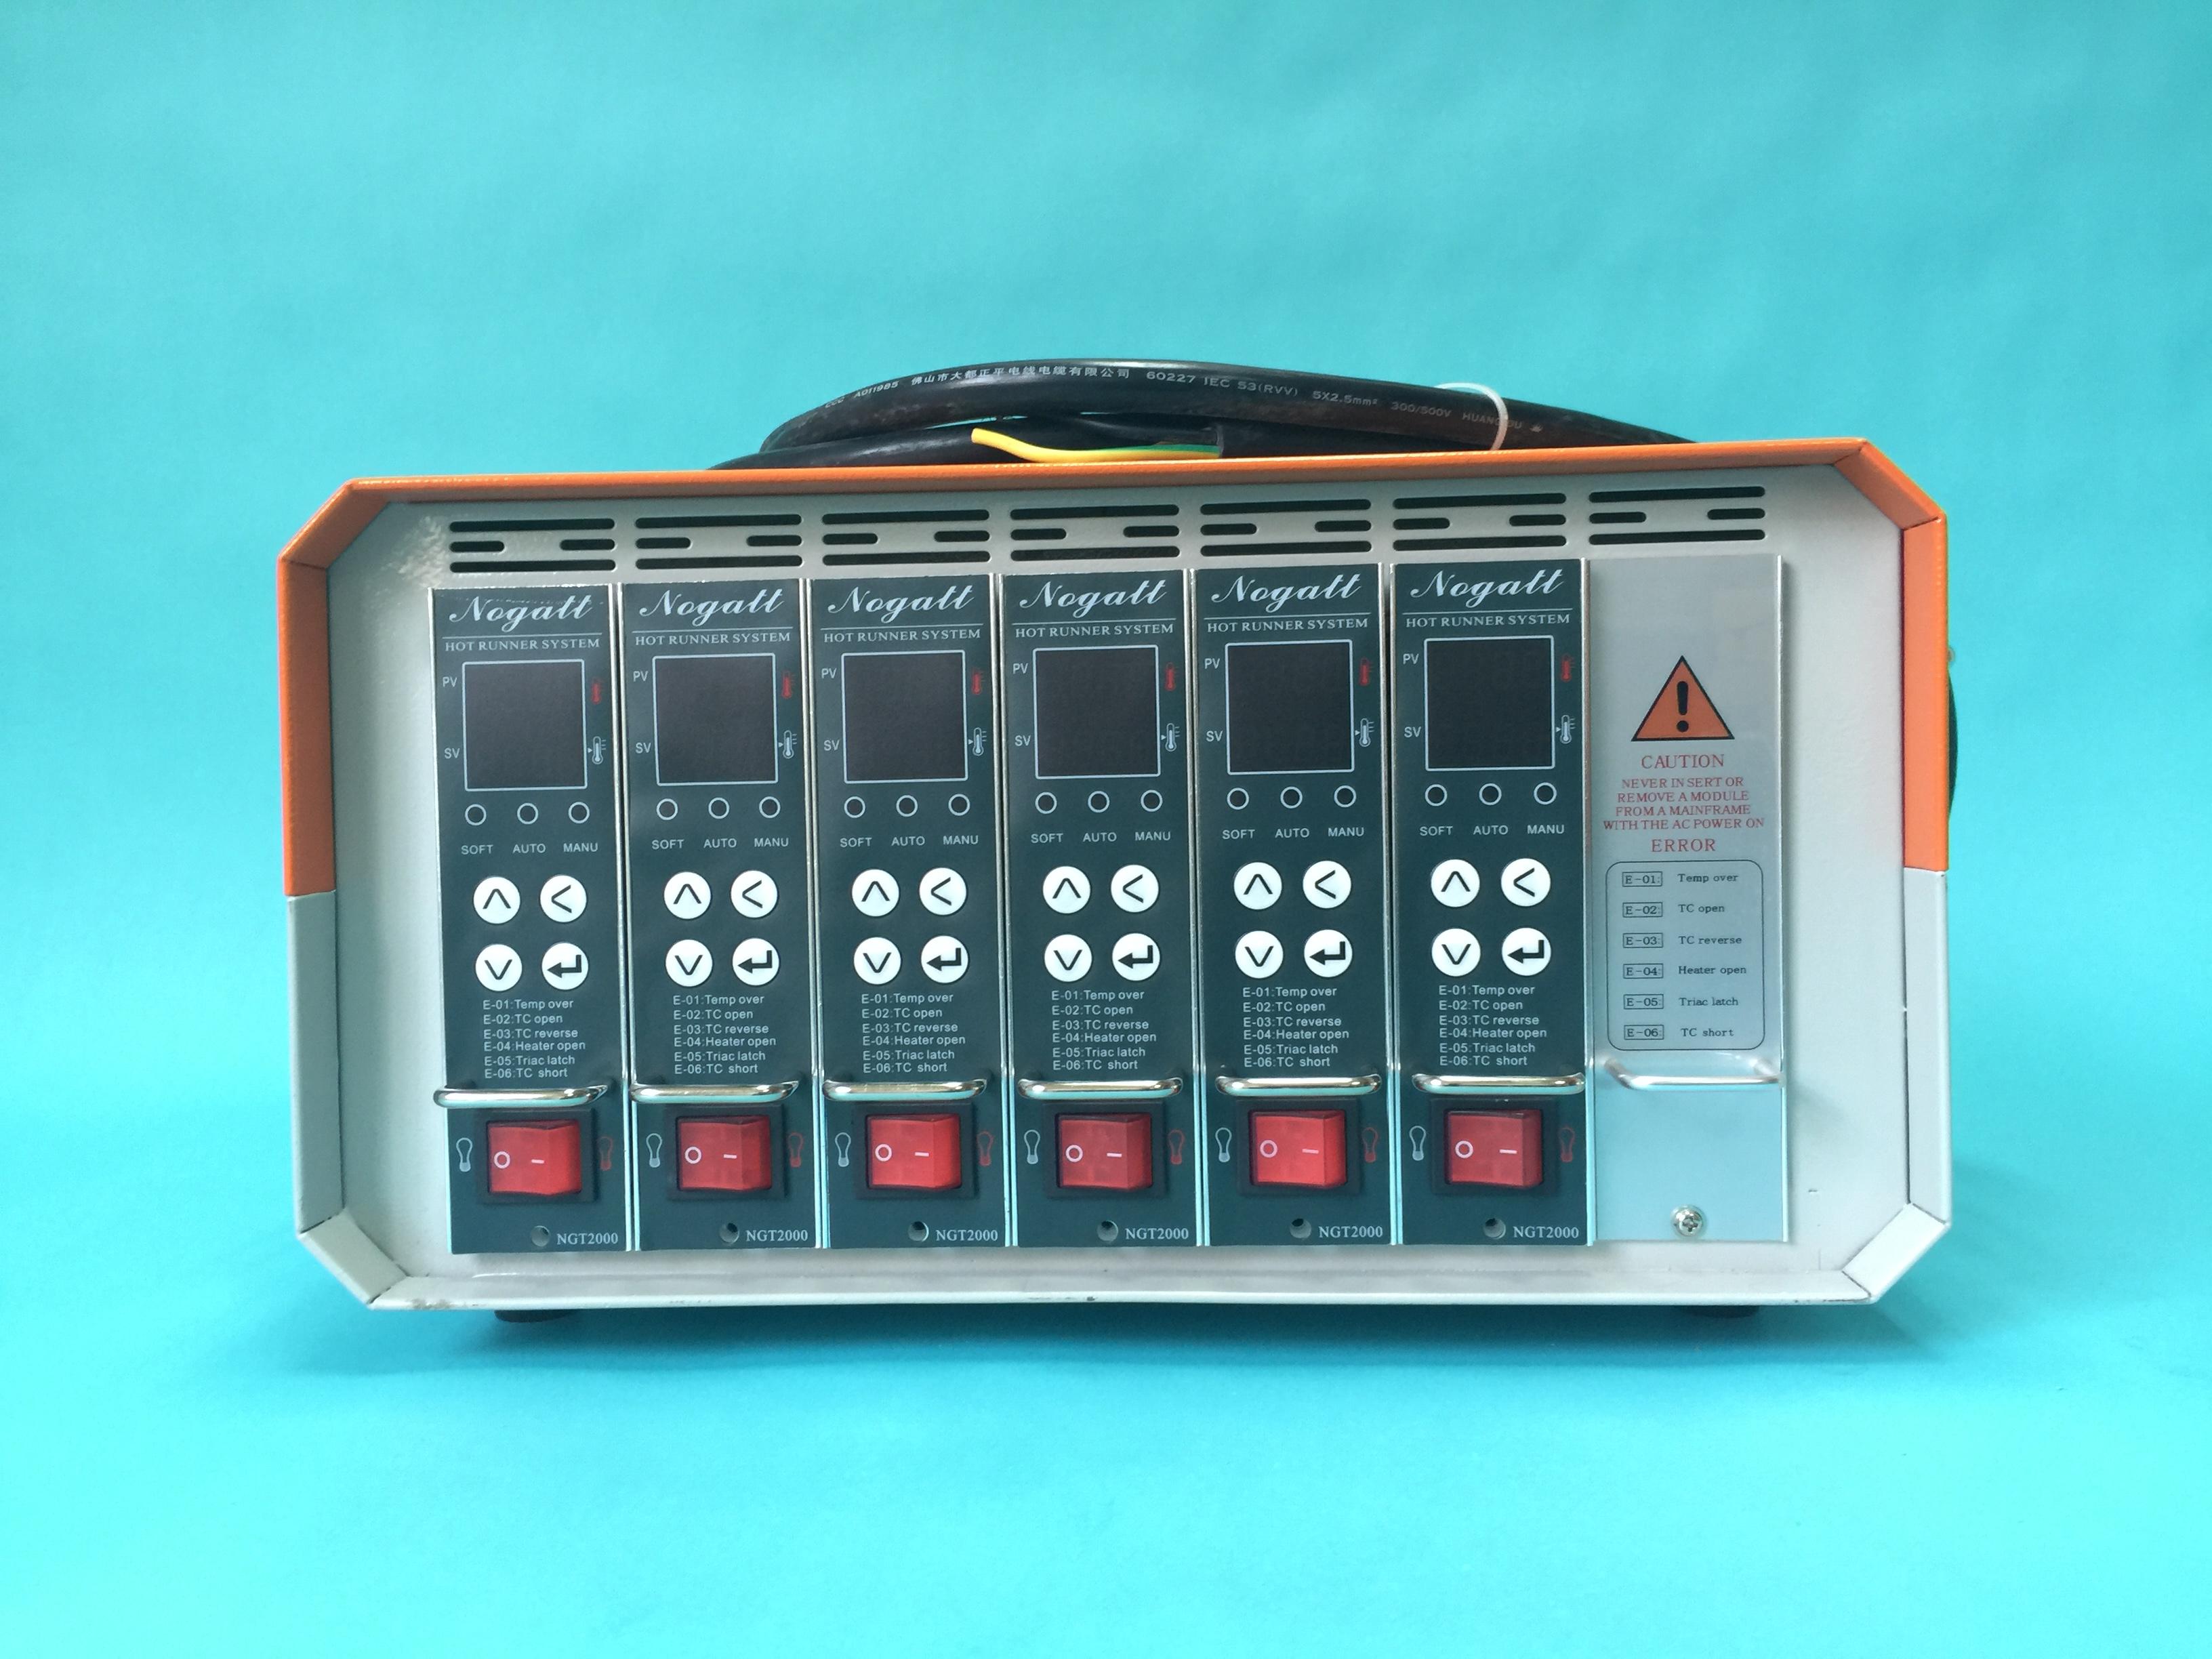 温控箱_热流道温控箱 质量保障 控温精准